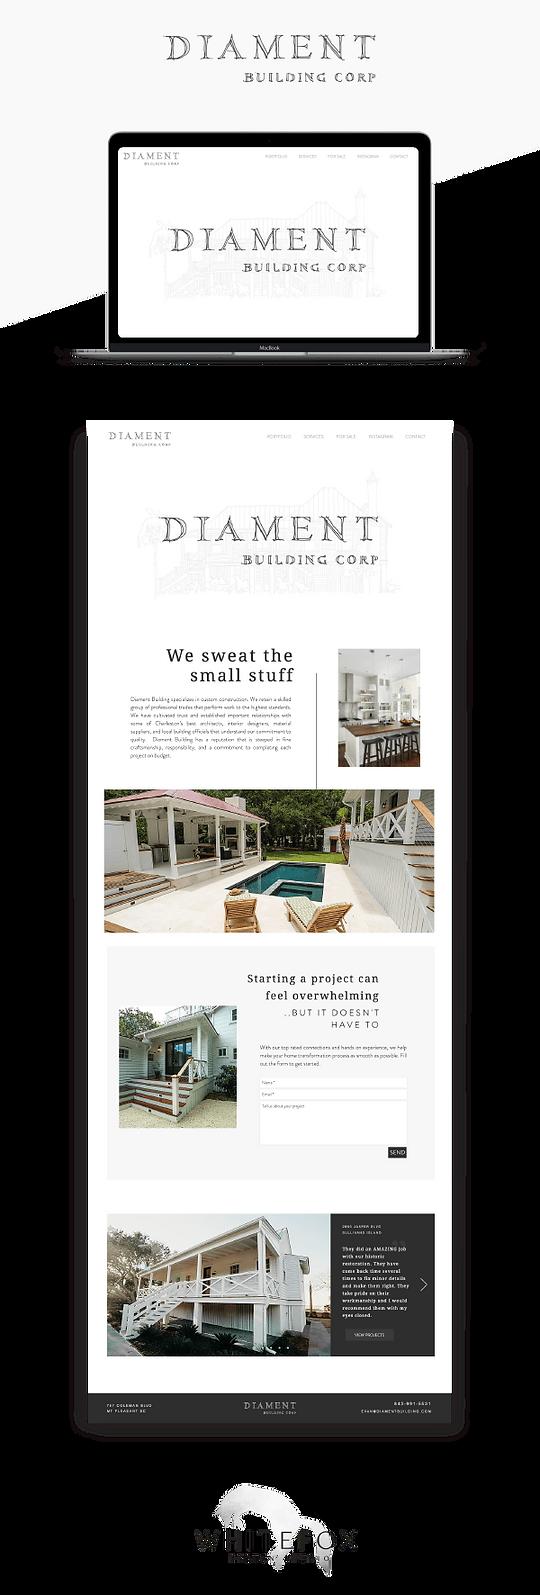 Website design for builder